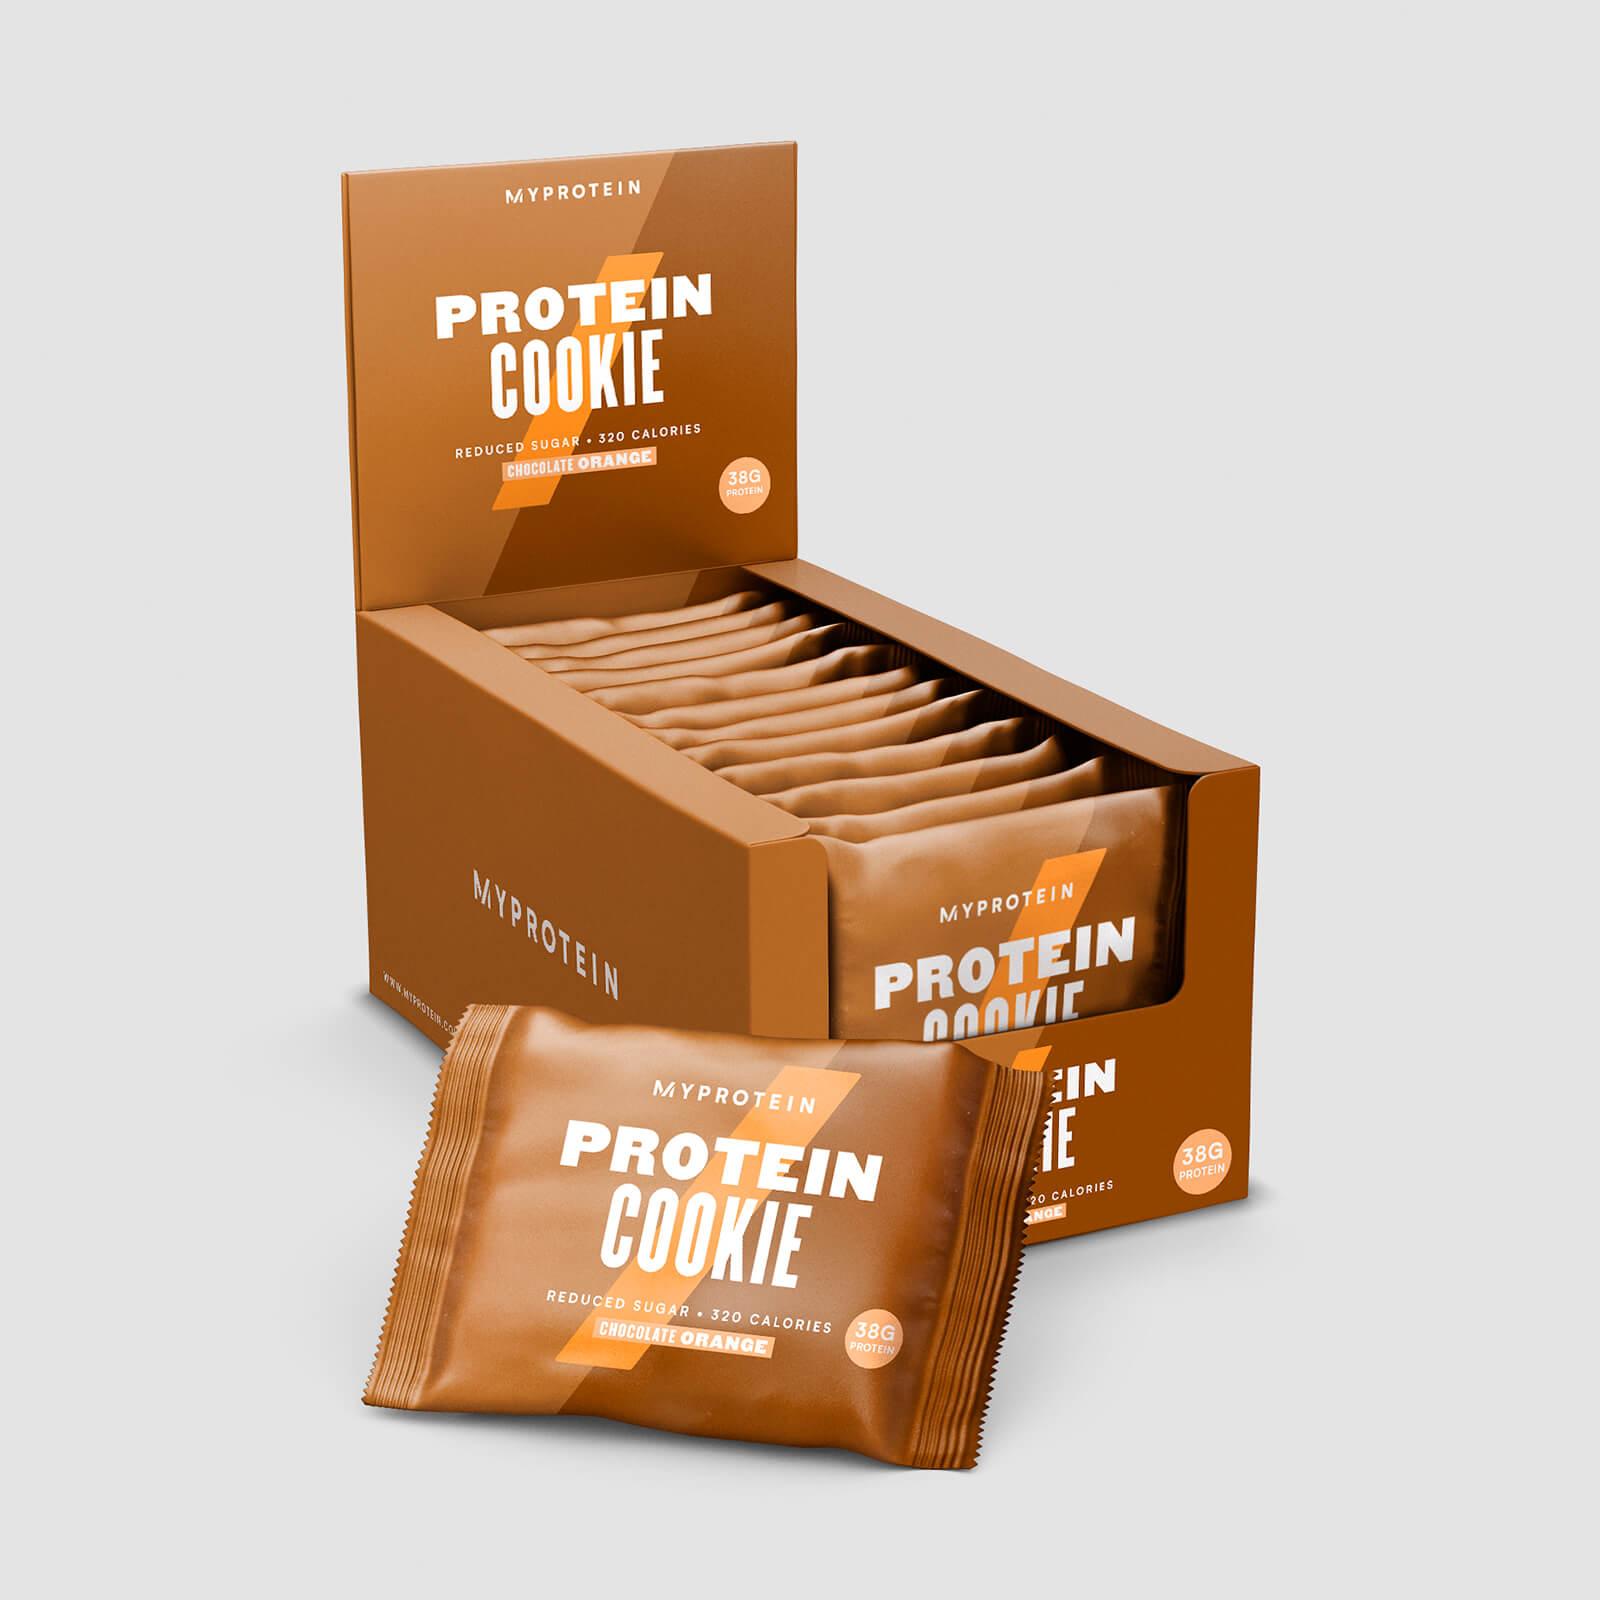 Myprotein Cookie Protéiné - Chocolat-Orange